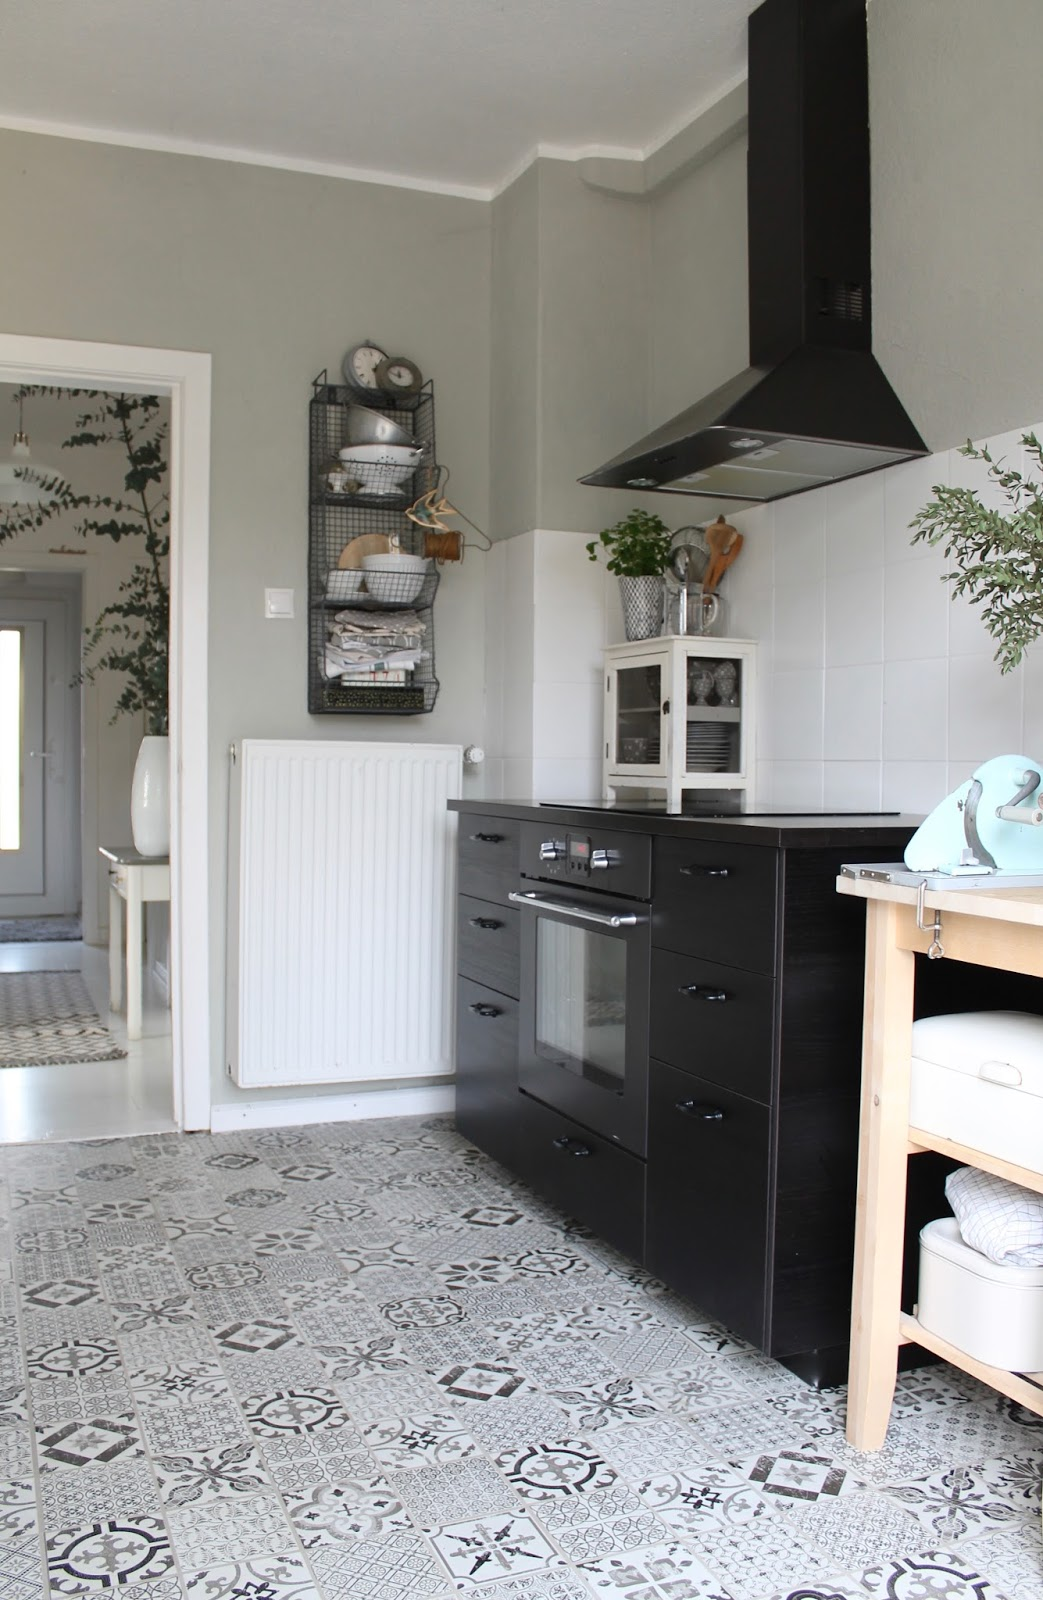 neuer Küchenboden und nochmal das süße Schränkchen!